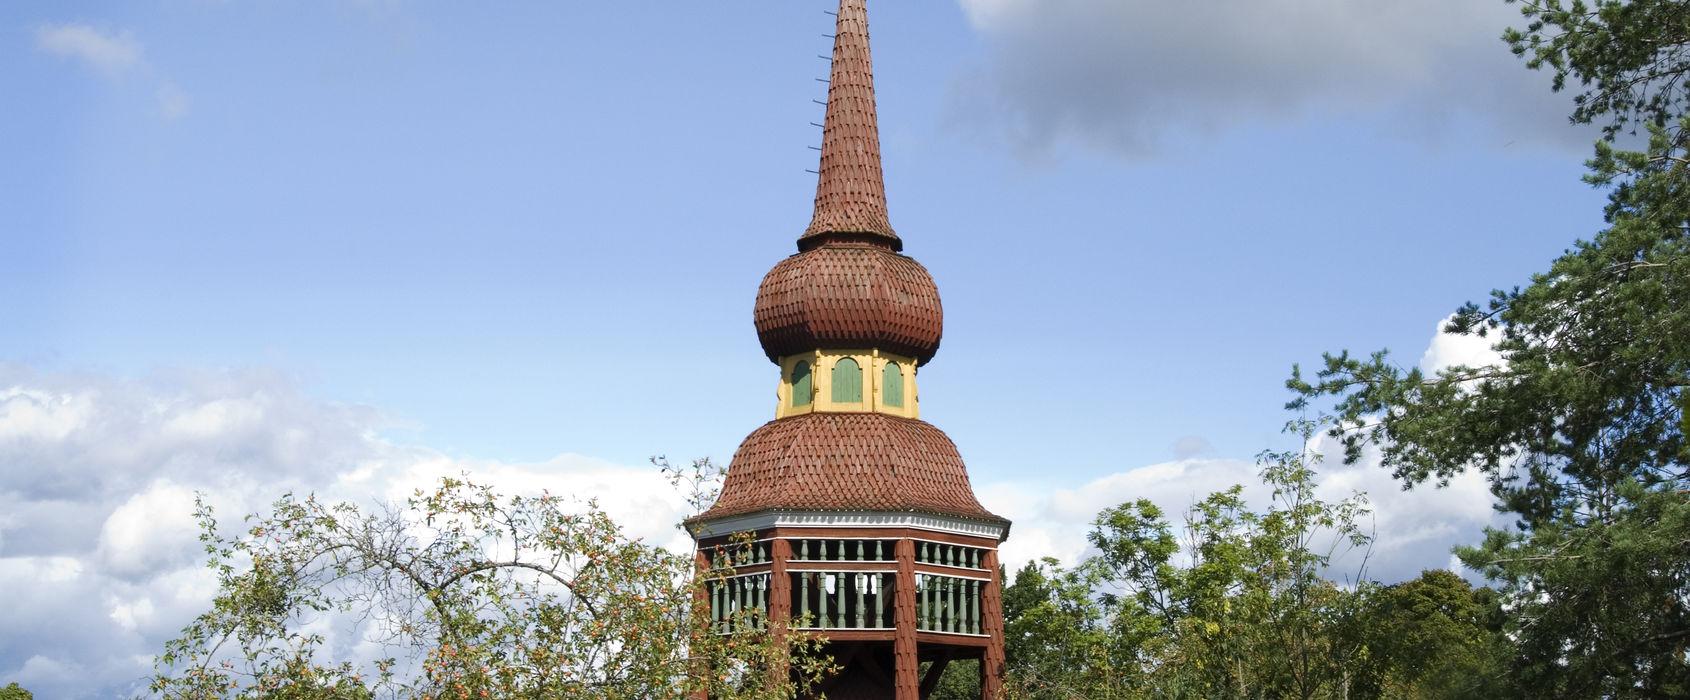 Håsjöstapeln. Från medeltiden och fram till 1700-talet hade de flesta svenska kyrkor fristående klockstaplar. Då började myndigheterna propagera för att man skulle bygga kyrktorn istället för att spara på virket. Håsjöstapeln är en kopia av en drygt 21 meter hög klockstapel som finns vid Håsjö kyrka i Jämtland. Den uppfördes på Skansen 1892.